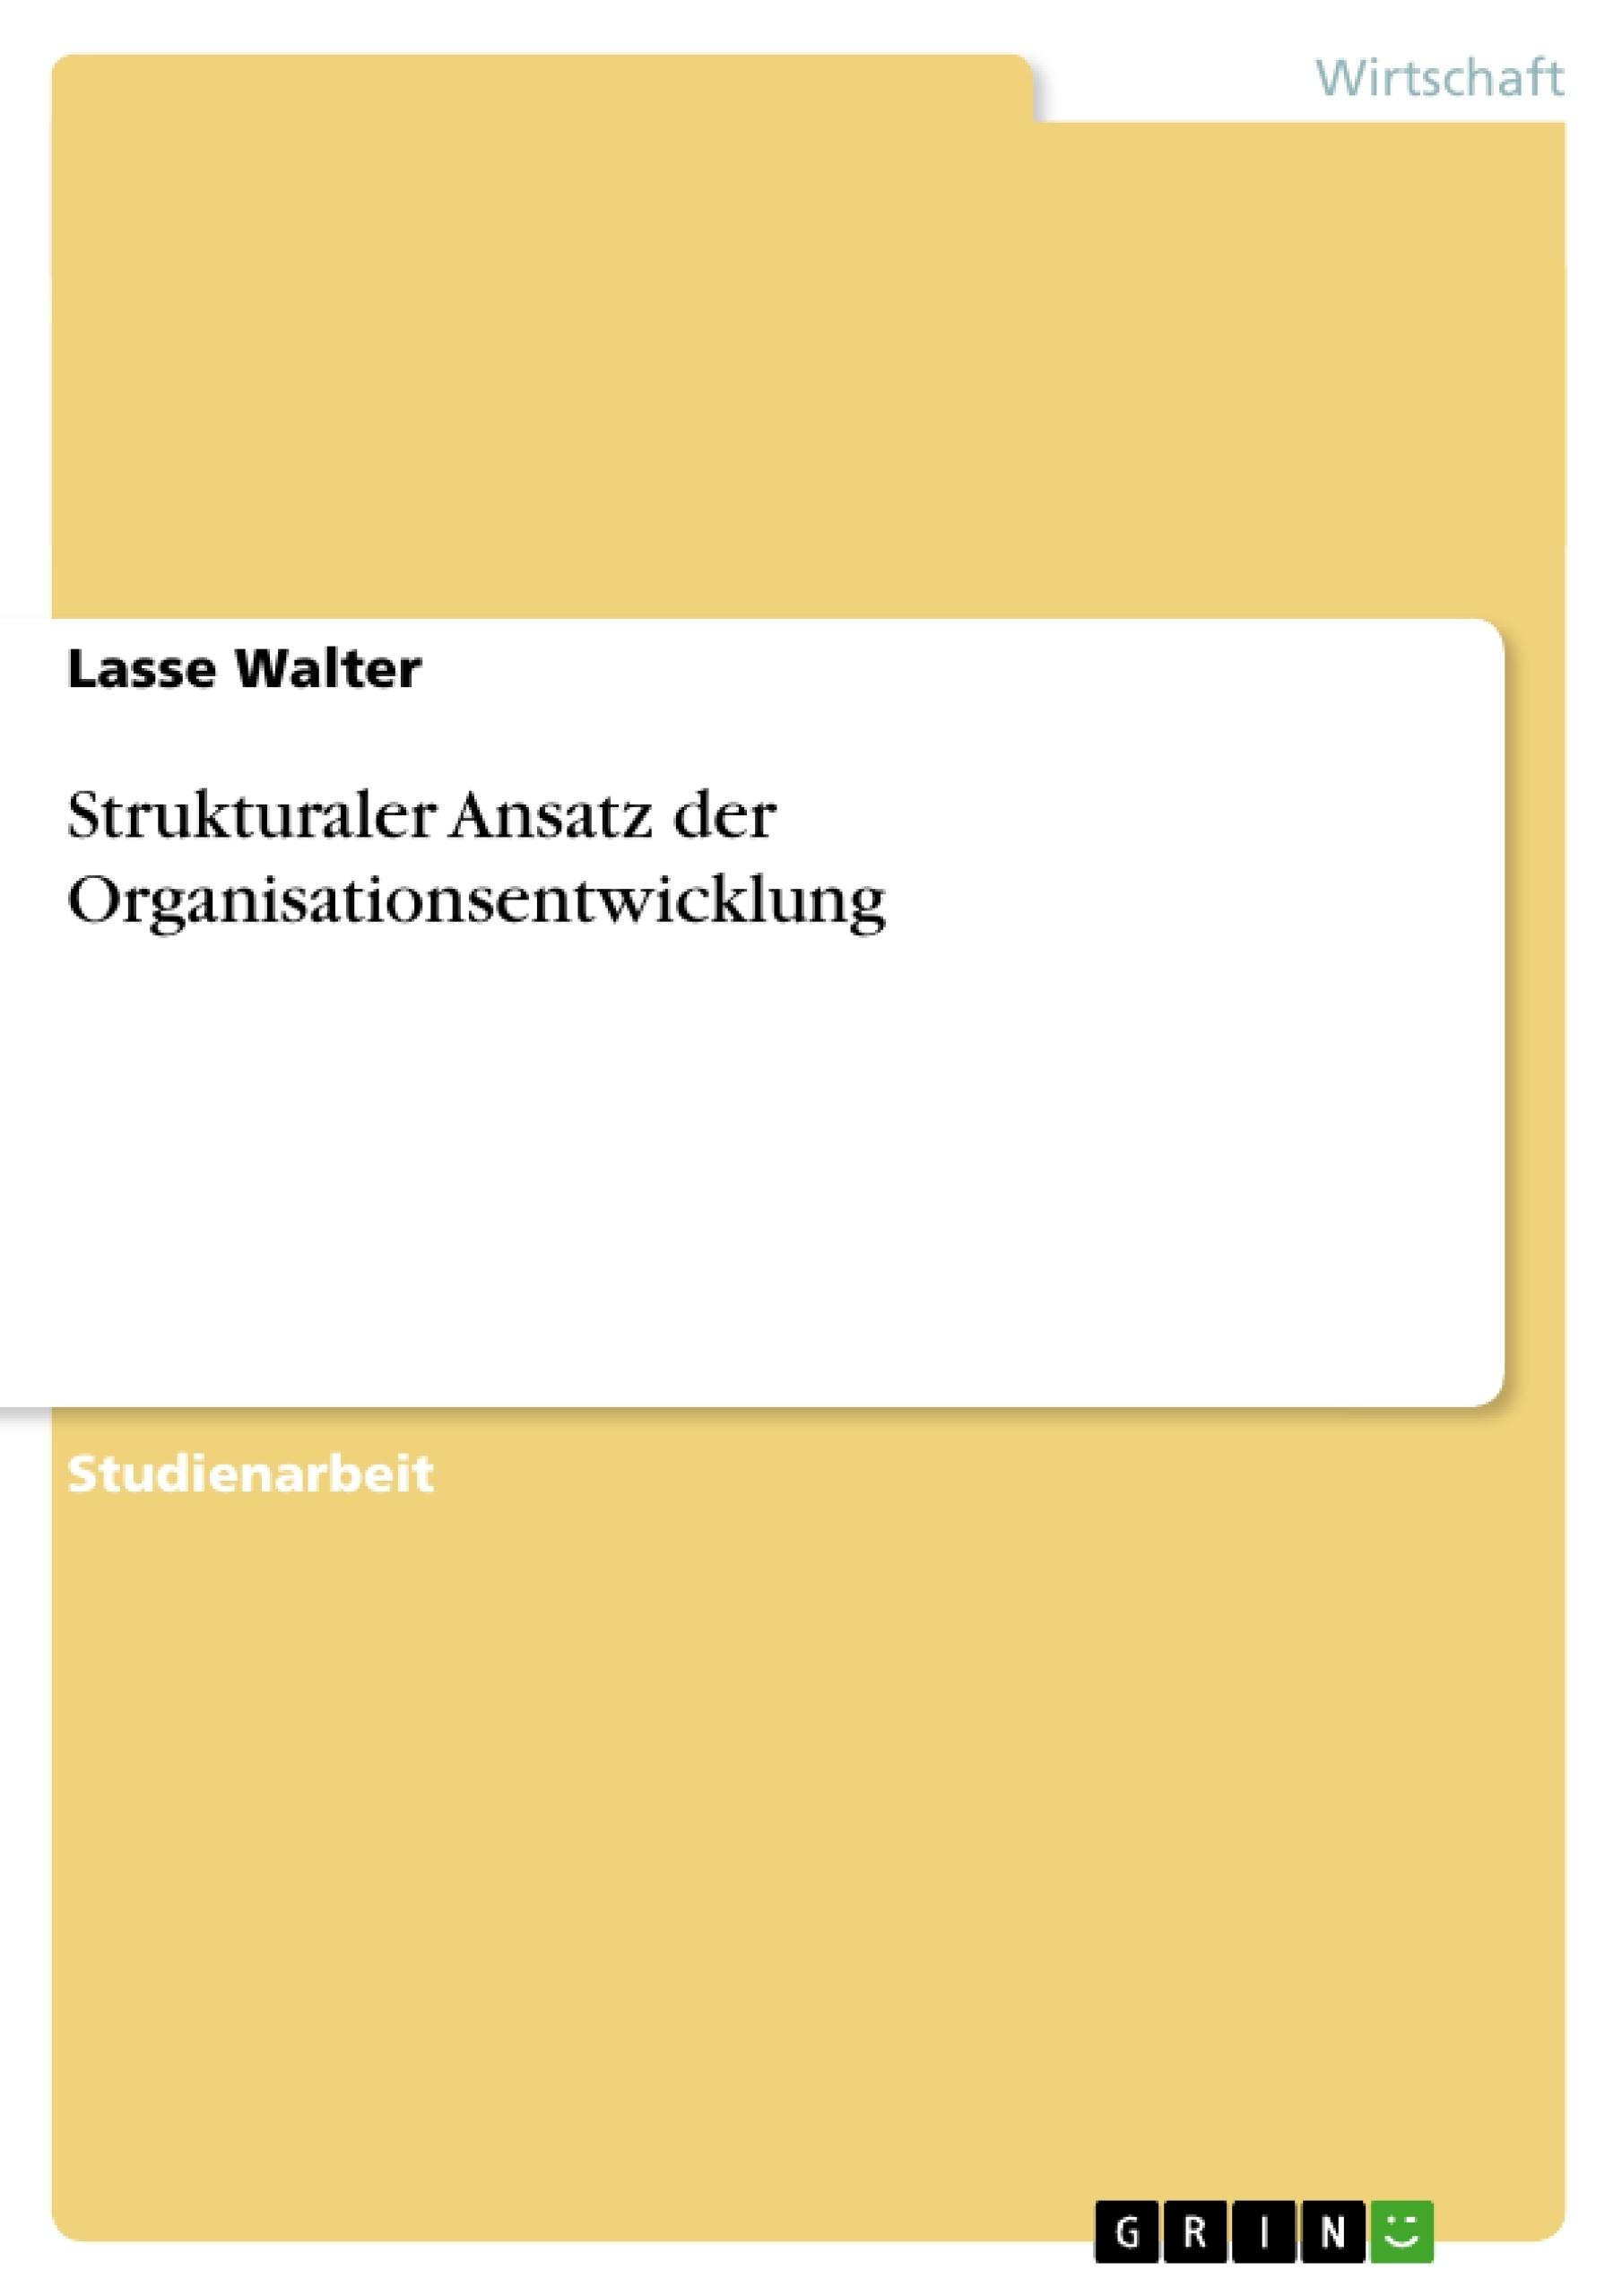 Titel: Strukturaler Ansatz der Organisationsentwicklung